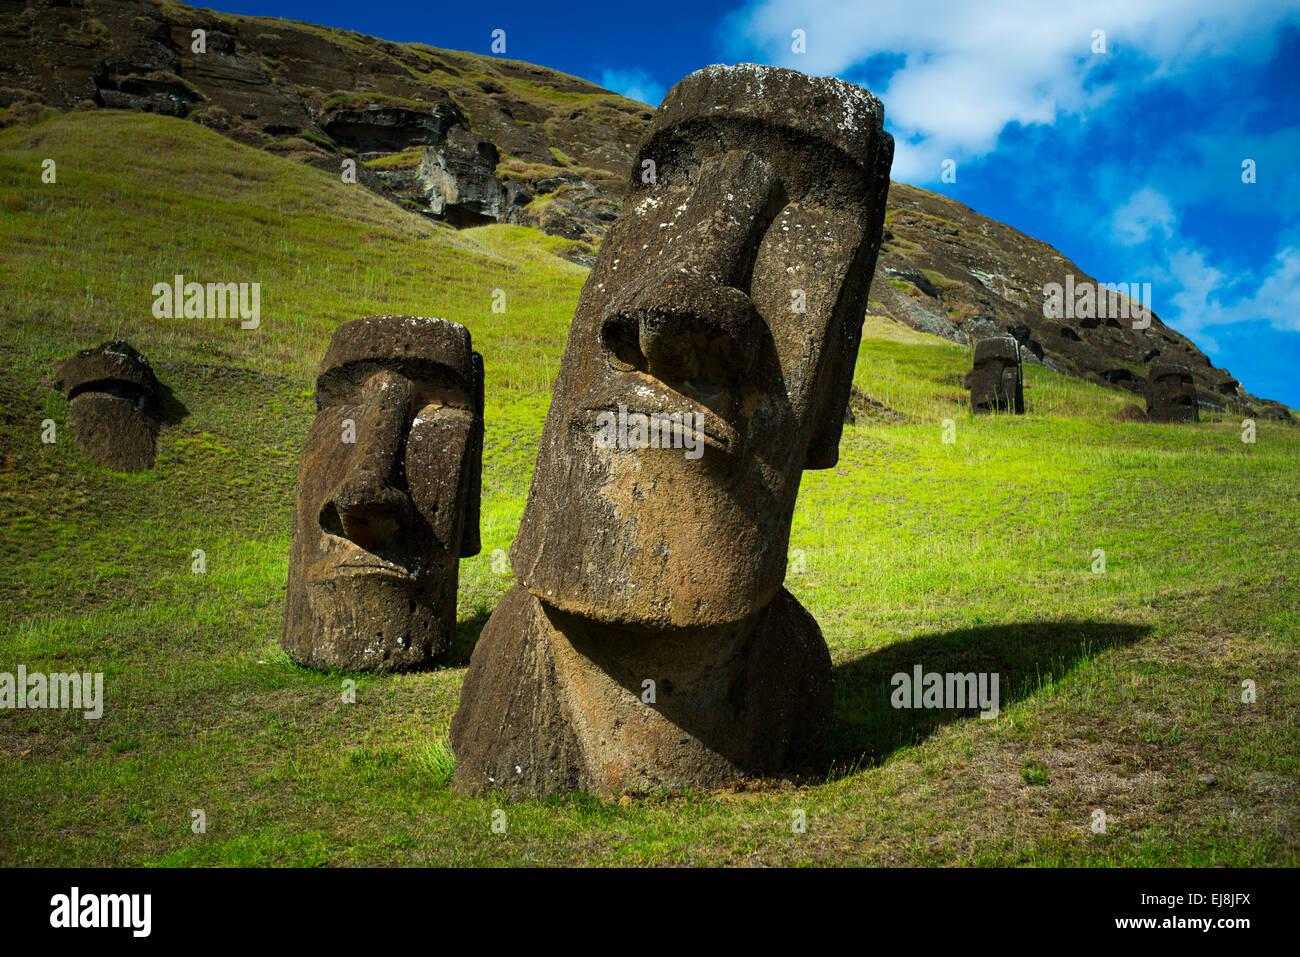 Moai at Rano Raraki, Easter Island, Rapa Nui, Chile - Stock Image